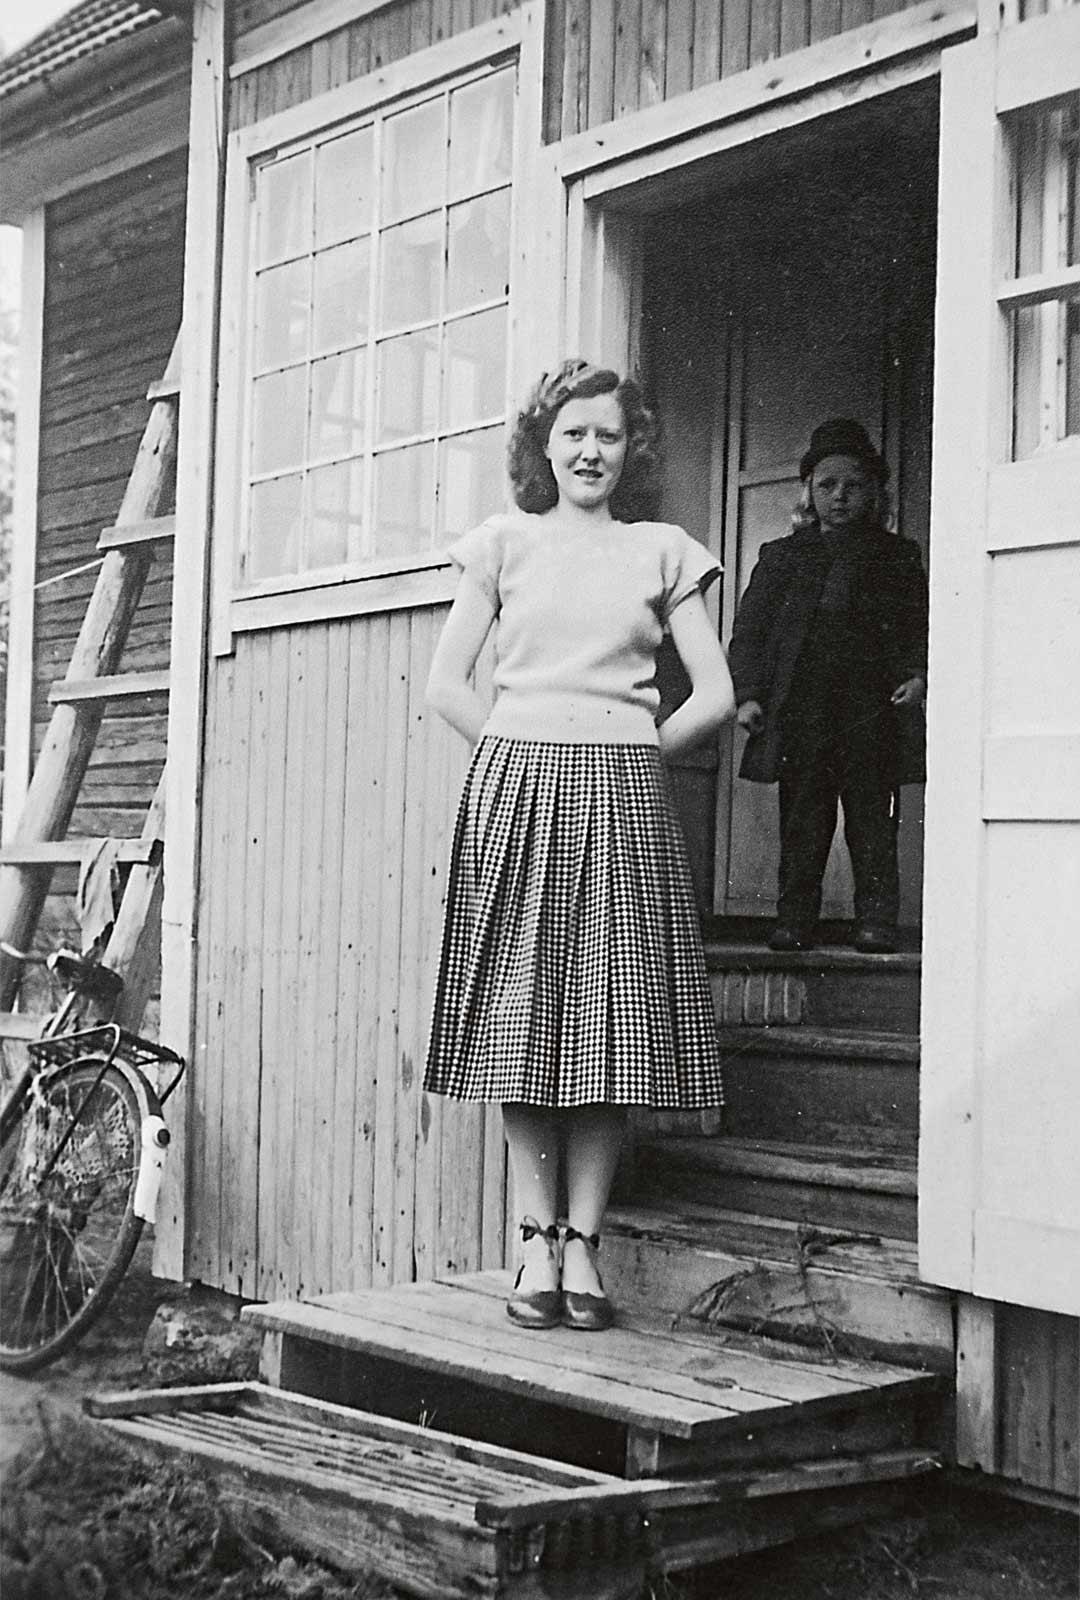 Heidi Könkään äiti lapsuudenkotinsa portailla. Vaatimaton talo rakennettiin Mänttään suon laitaan.